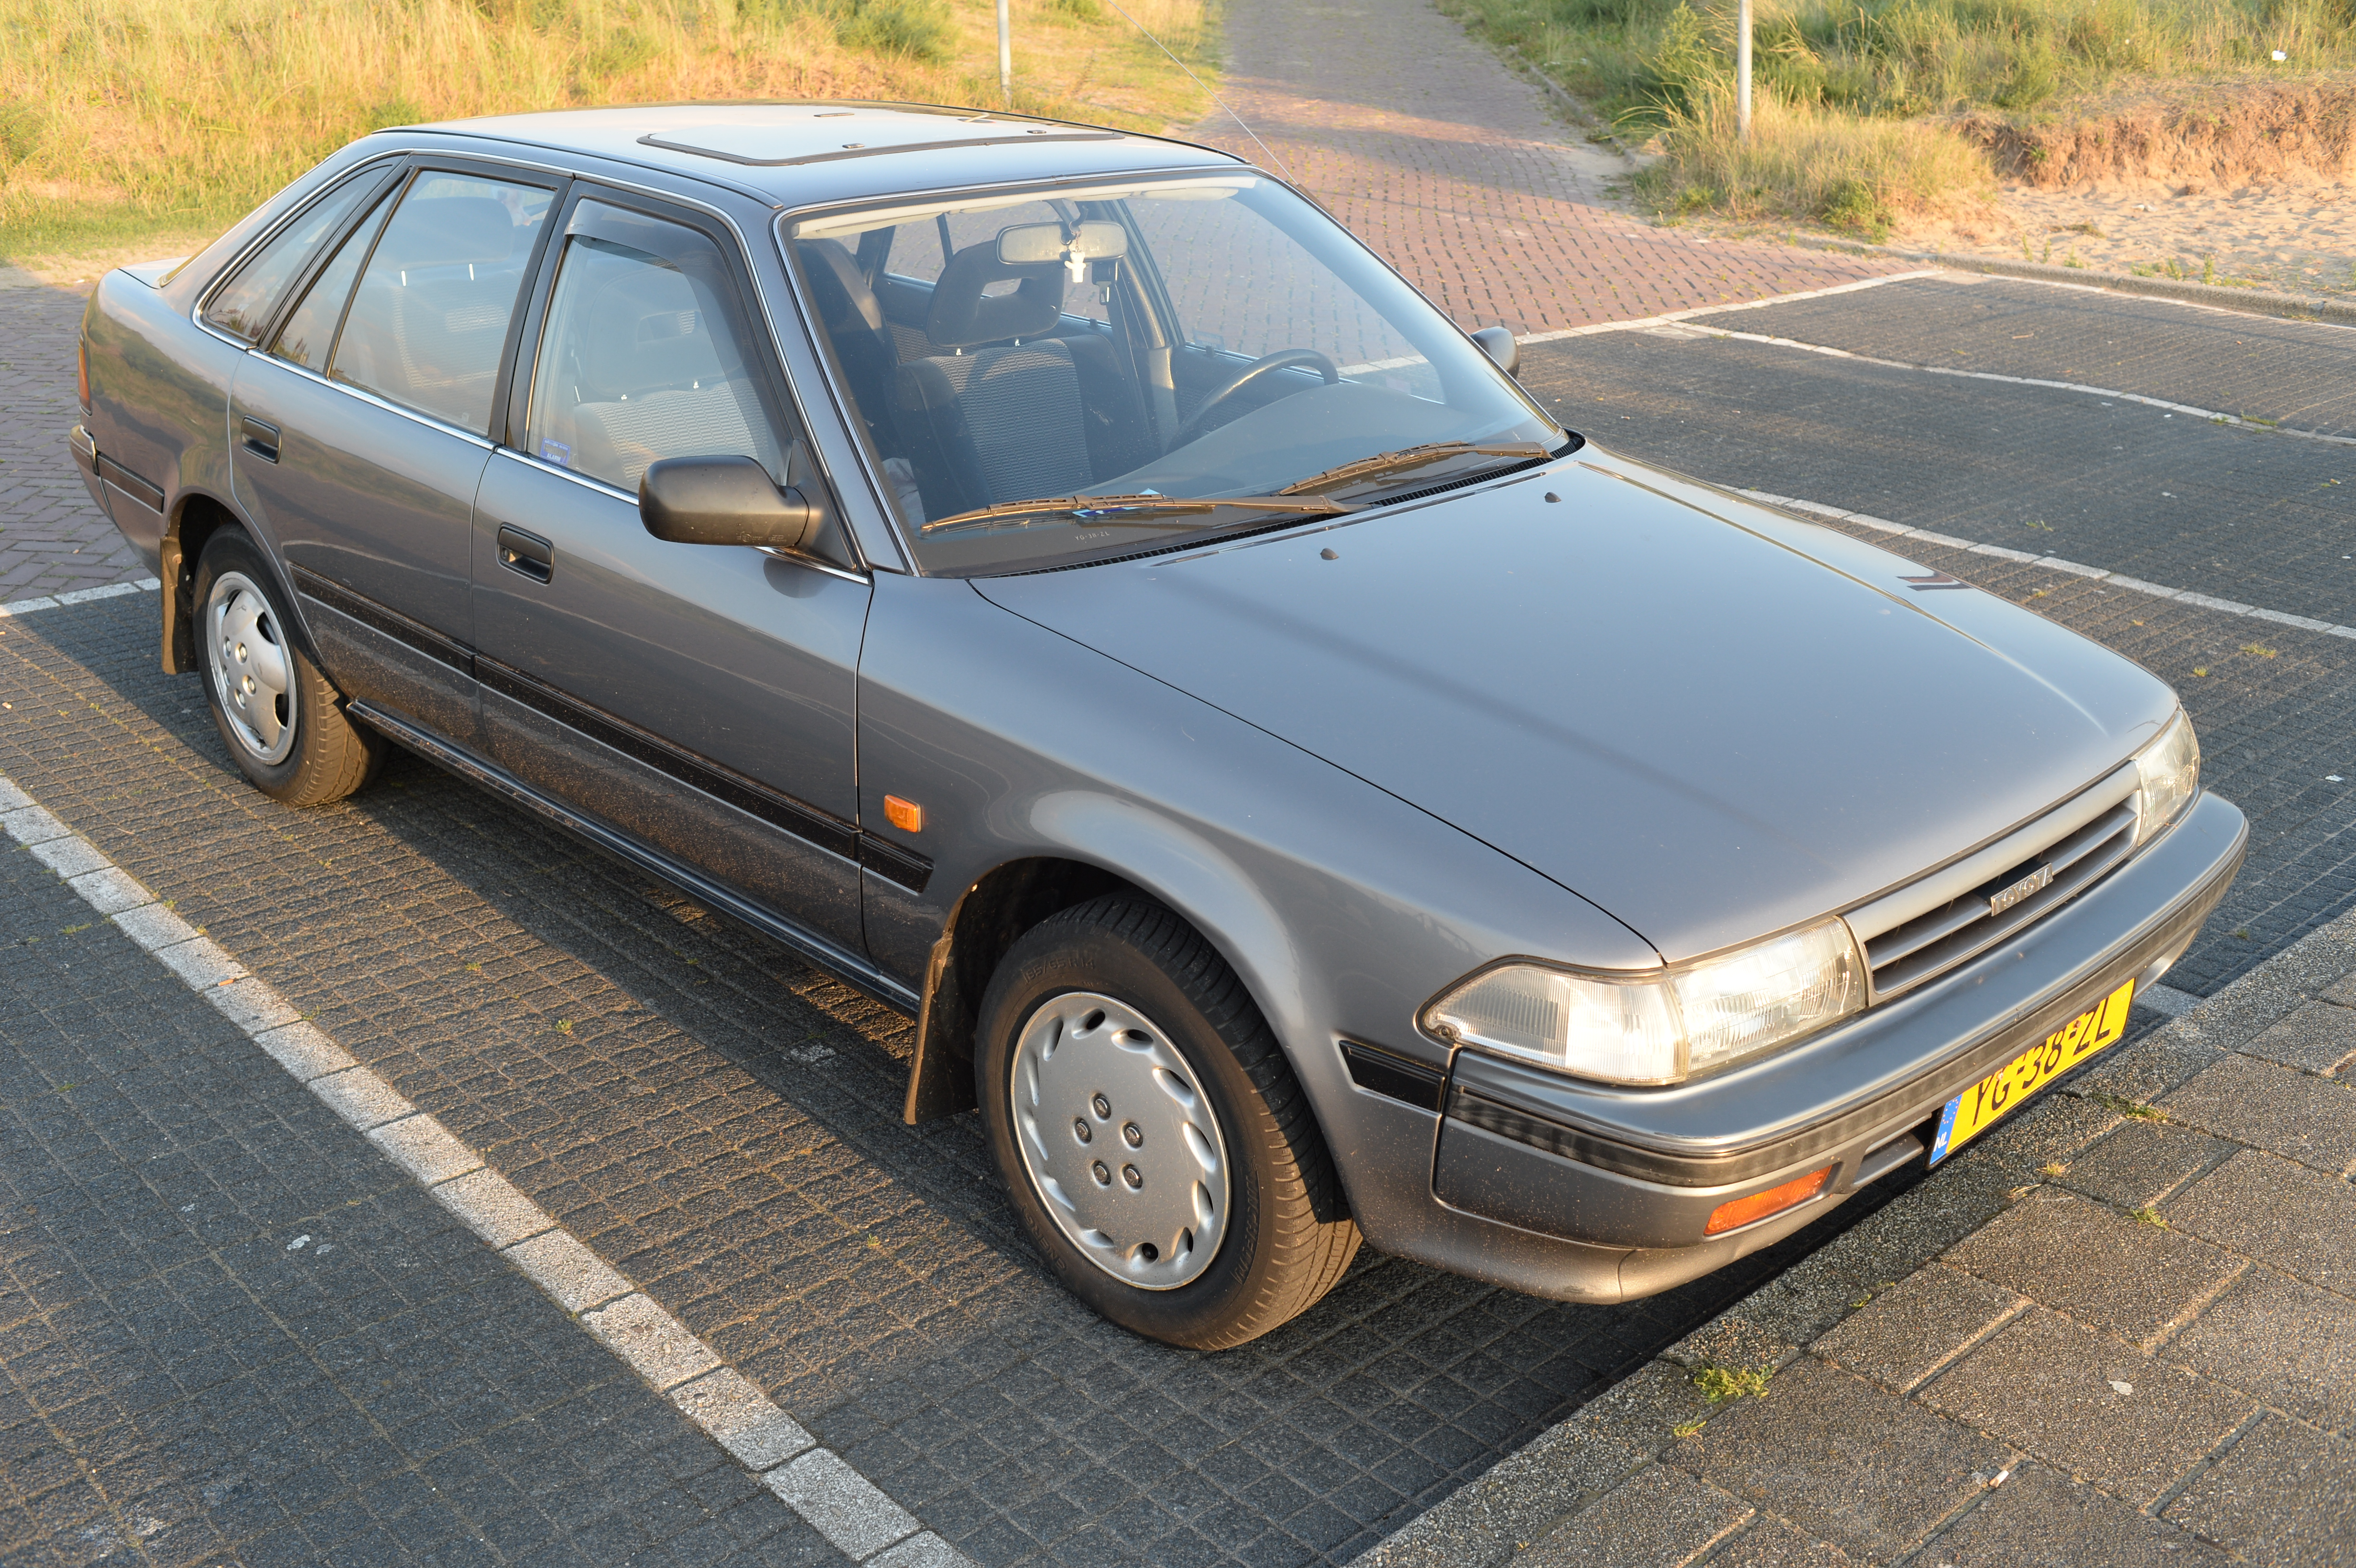 1990 Toyota Carina Ii